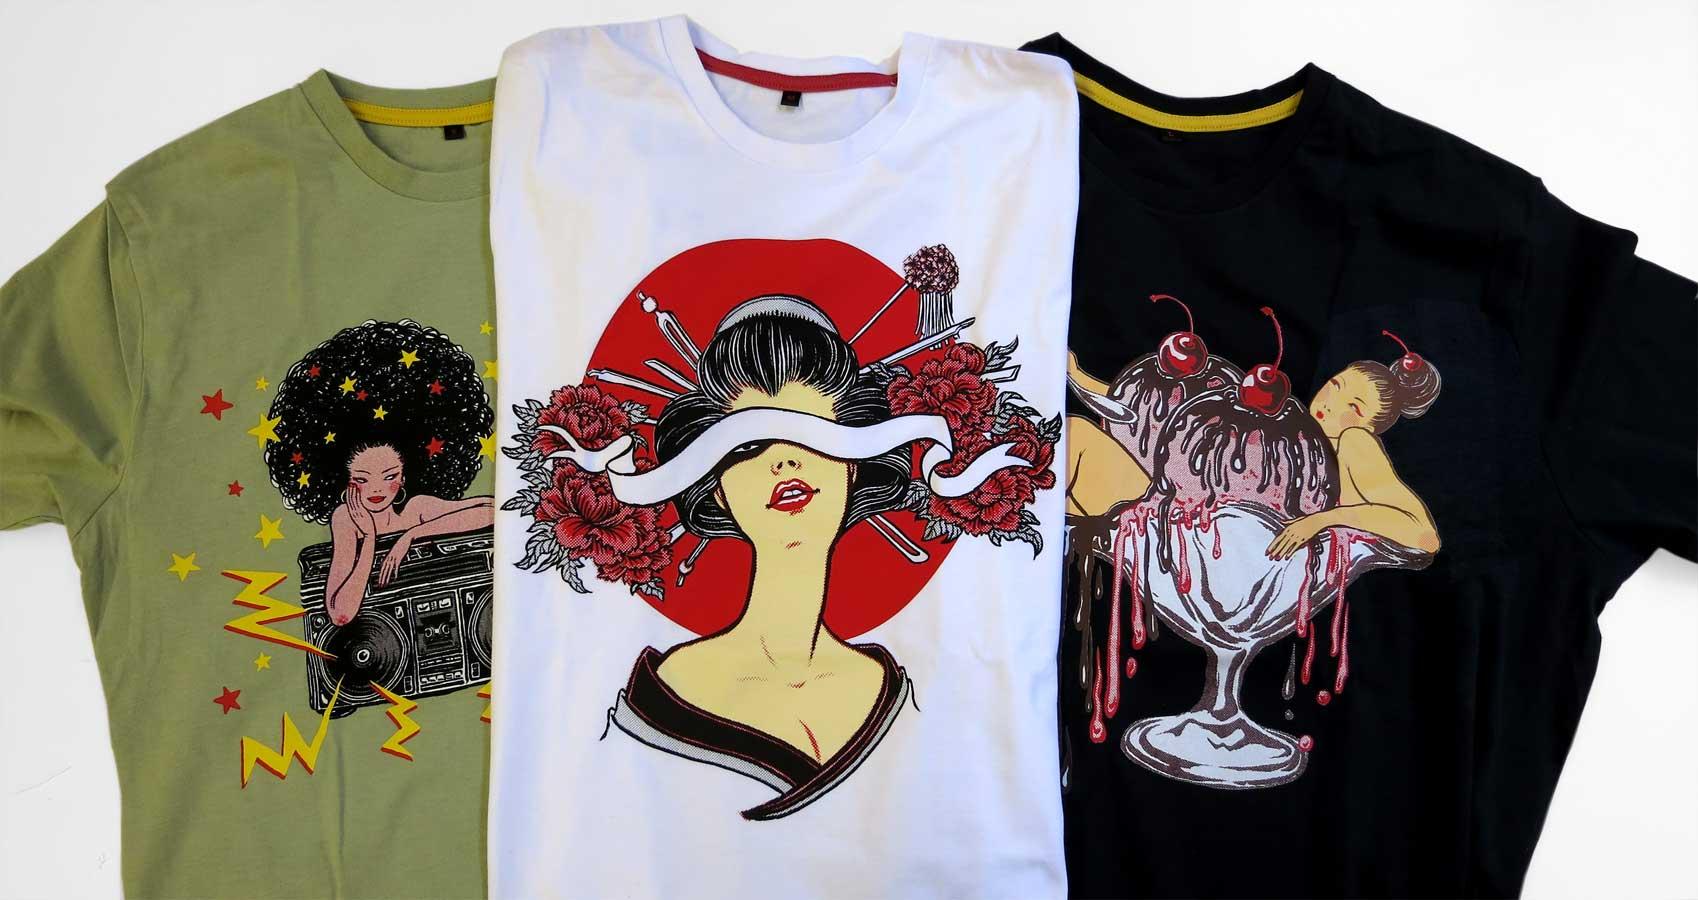 Yuko Shimizu - Yuko x GoodSon T shirts project - yuko shimizu good son t shirts